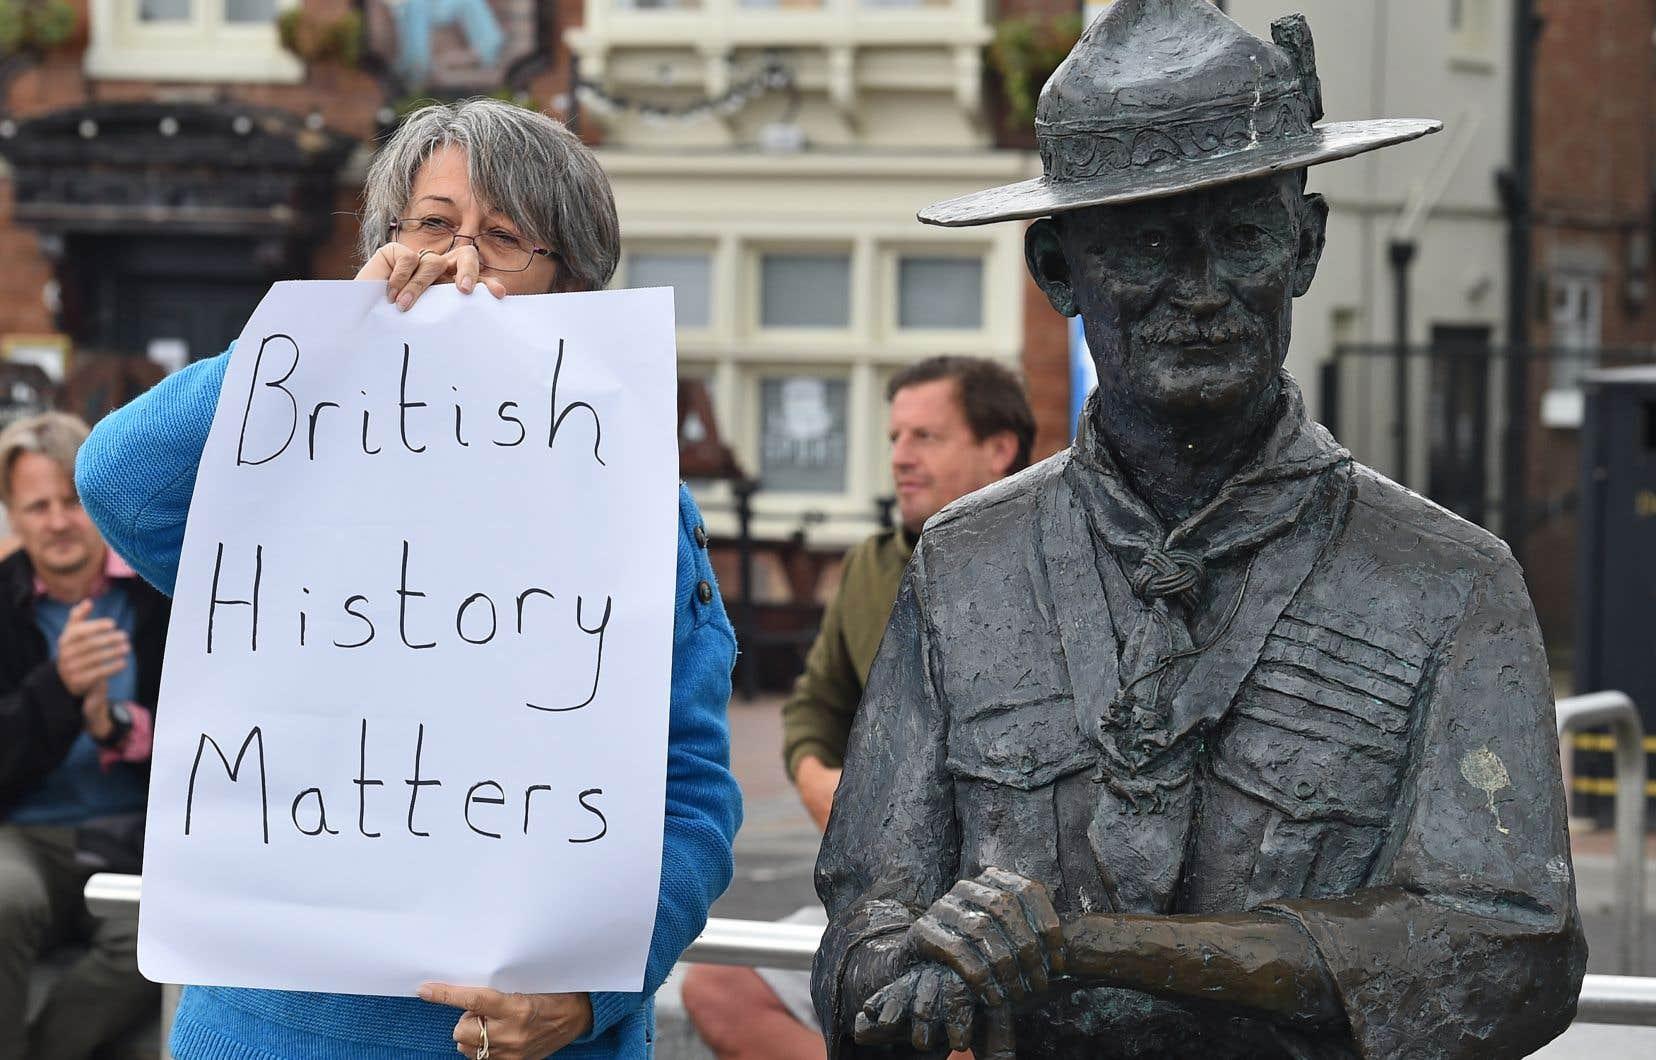 Un groupe de défenseurs de Robert Baden-Powell, fondateur du scoutisme au passé trouble, s'est formé jeudi matin à Poole, en Angleterre, autour d'une statue de celui-ci. Le conseil local a décidé de le retirer, craignant qu'elle ne finisse à l'eau, comme celle du marchand d'esclaves Edward Colston, à Bristol.